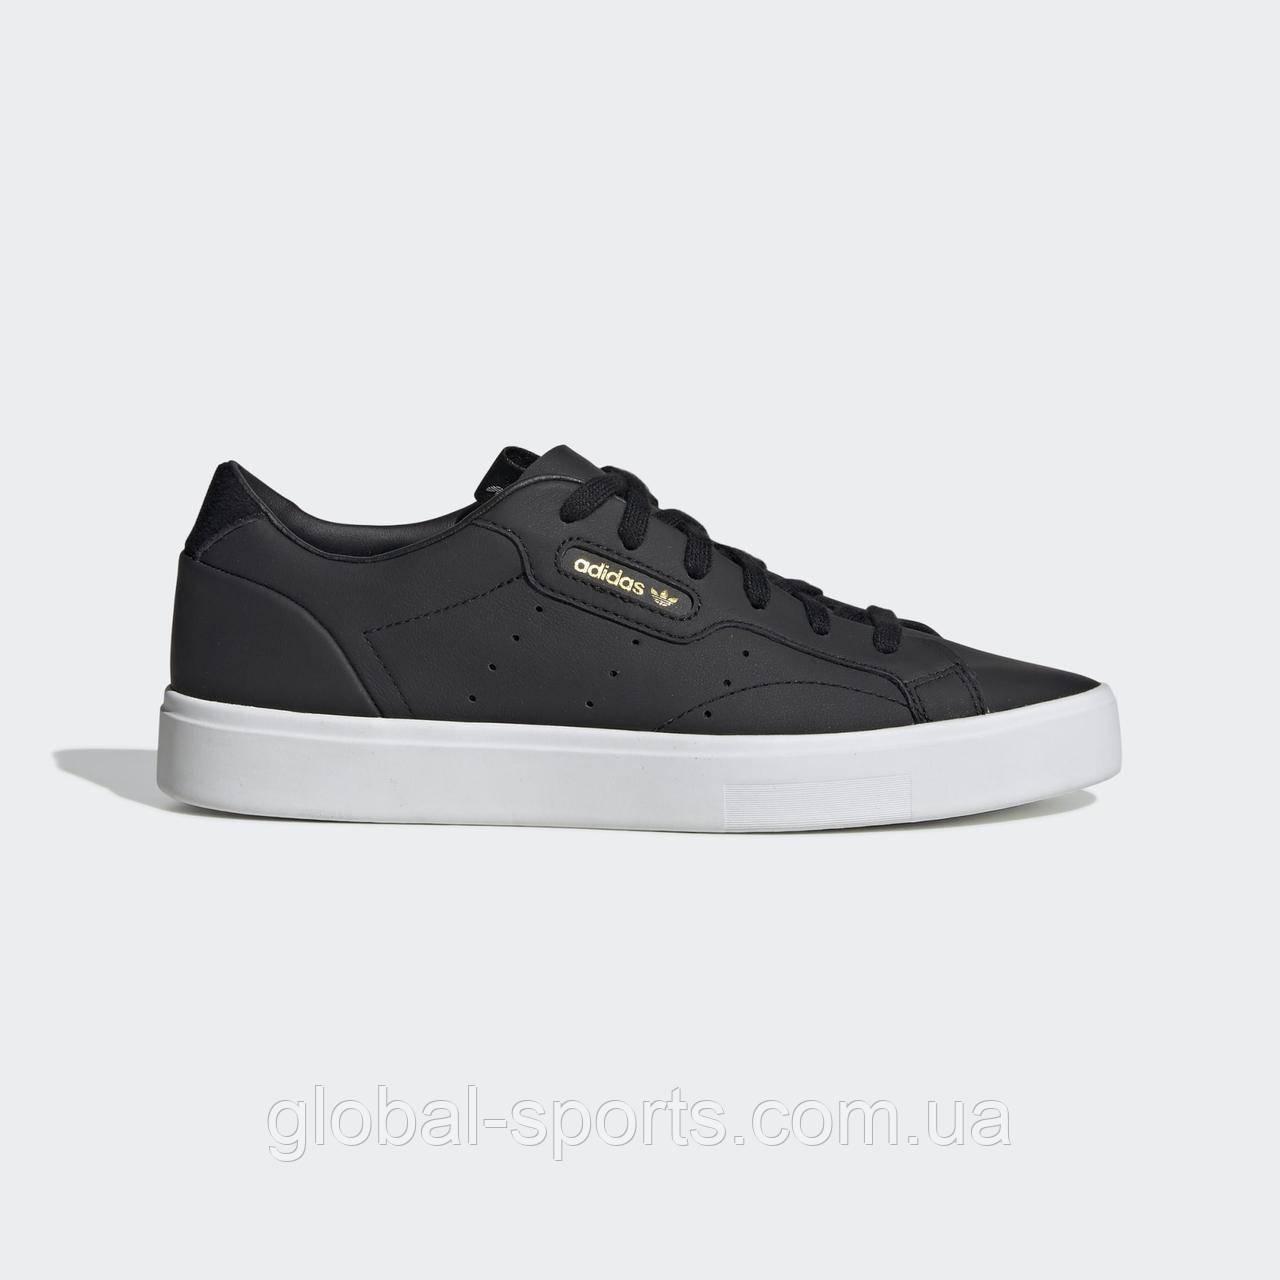 Женские кеды Adidas Sleek W(Артикул:CG6193)